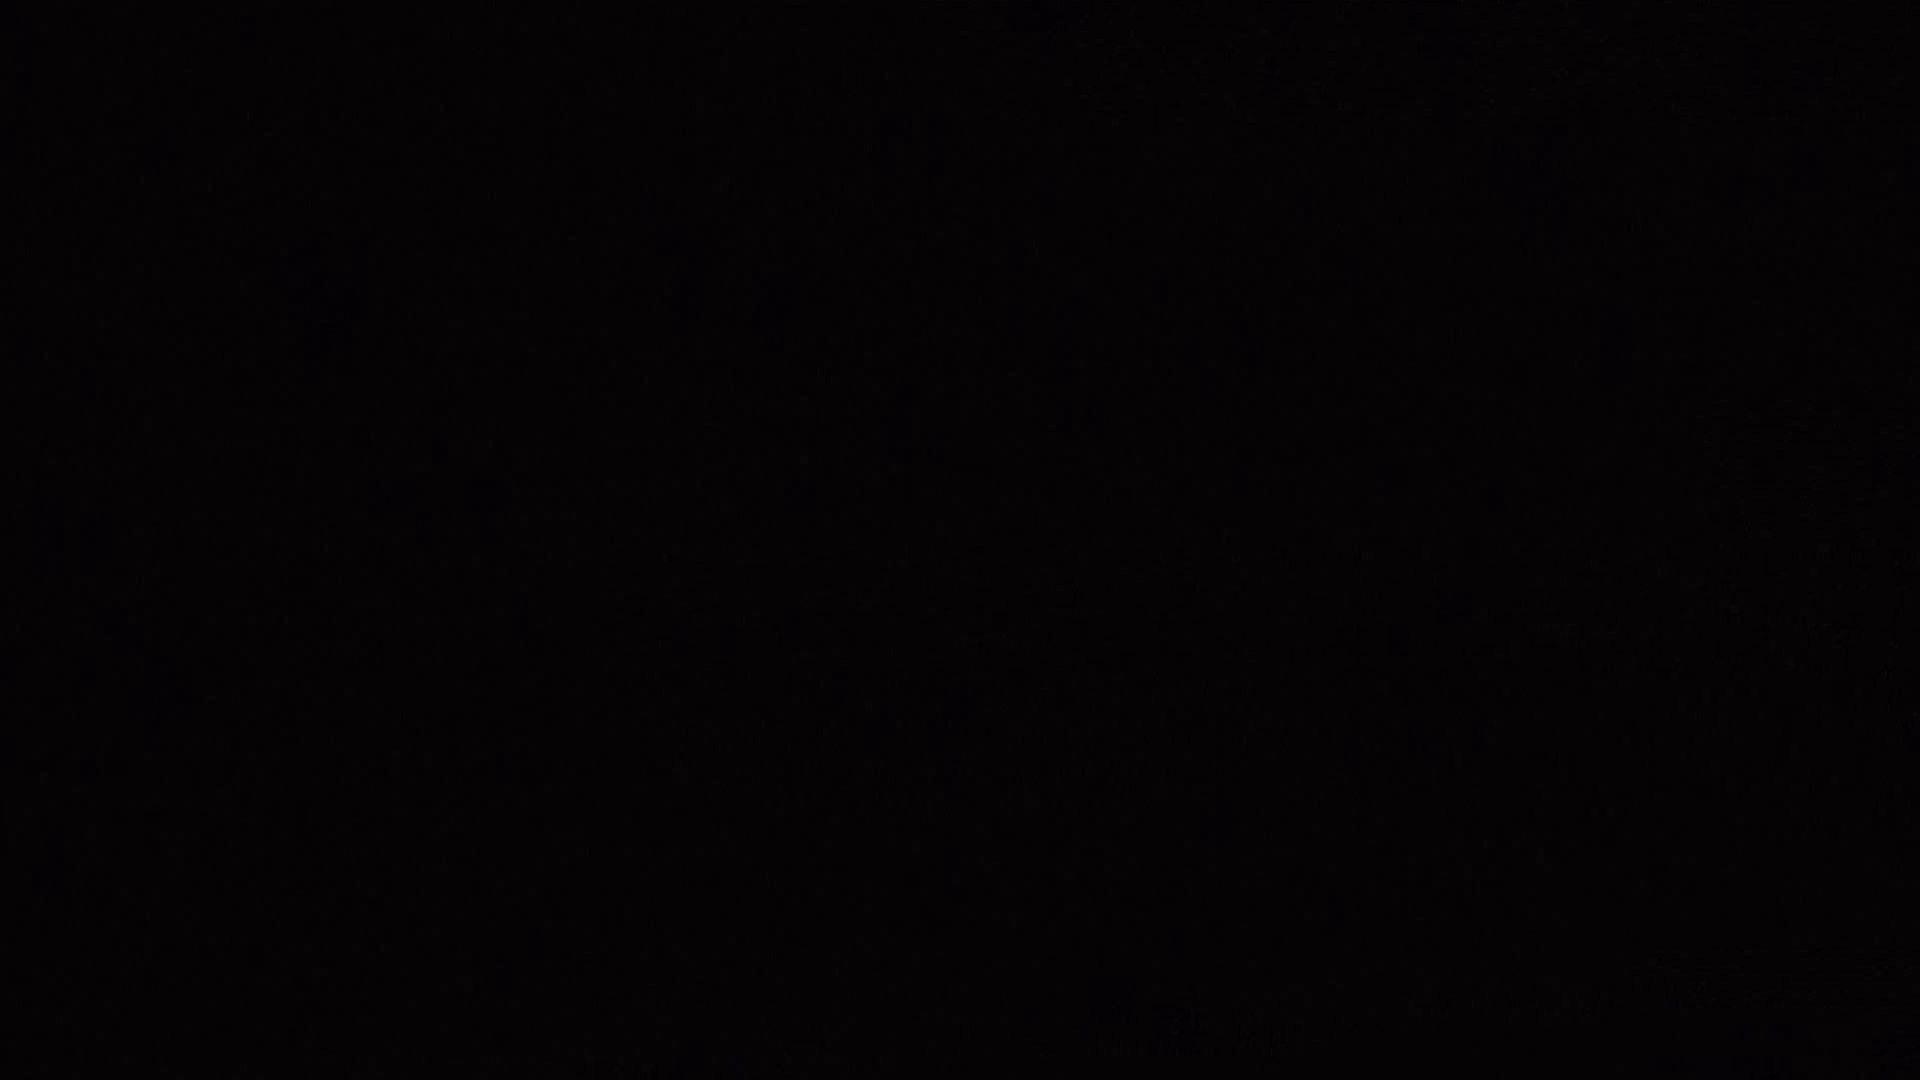 民家の騎士さんの最後の性戦ハイビジョン!!No.52 民家エロ投稿 | おっぱい  94画像 45